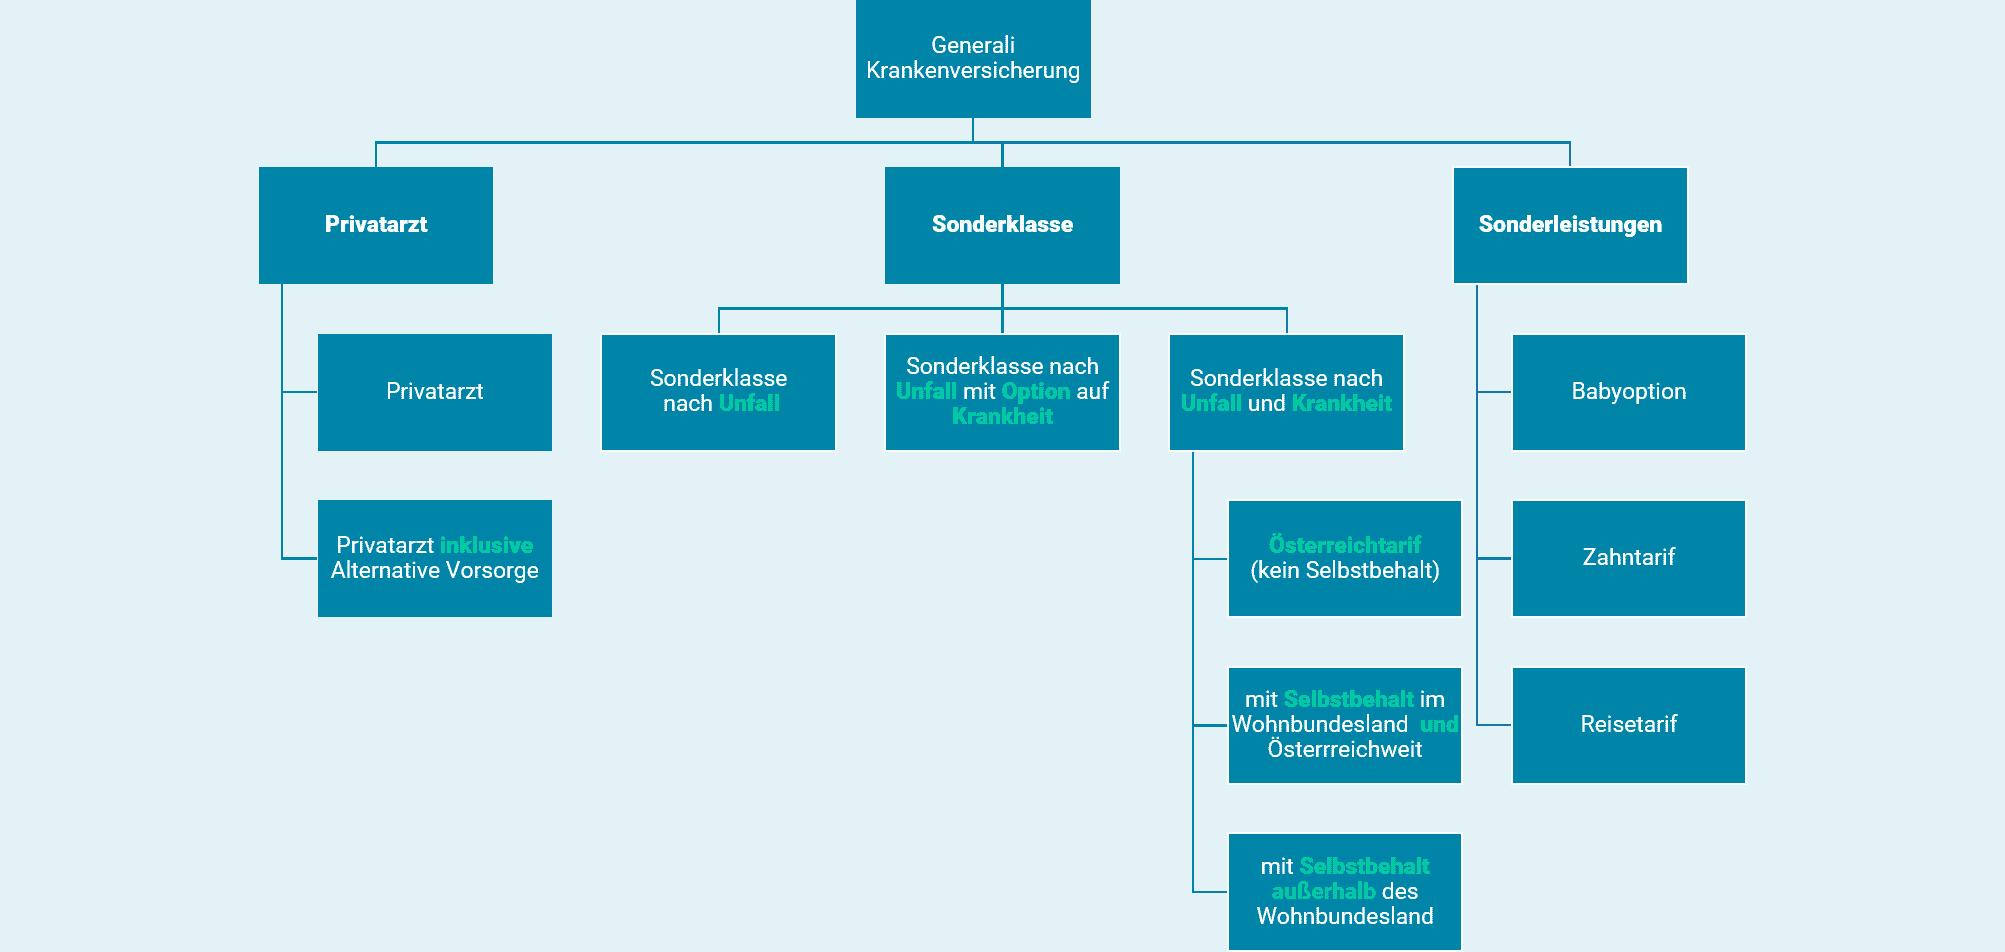 Generali_Krankenversicherung_Übersicht_Tarife